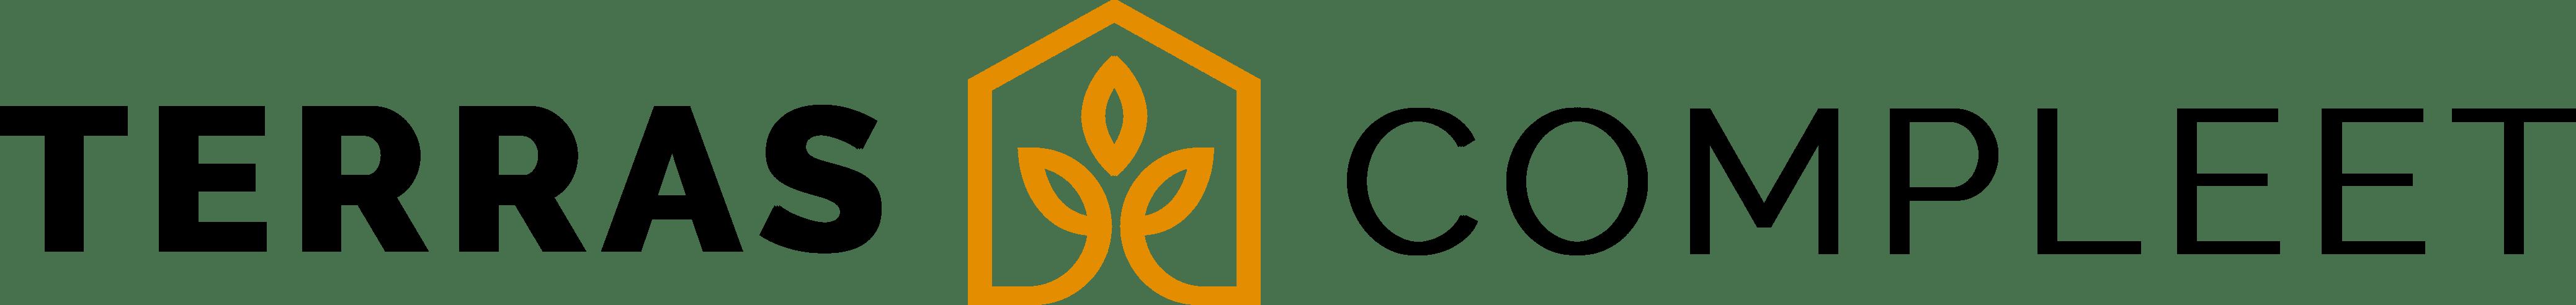 Terrascompleet: innovatieve oplossingen voor huis en tuin